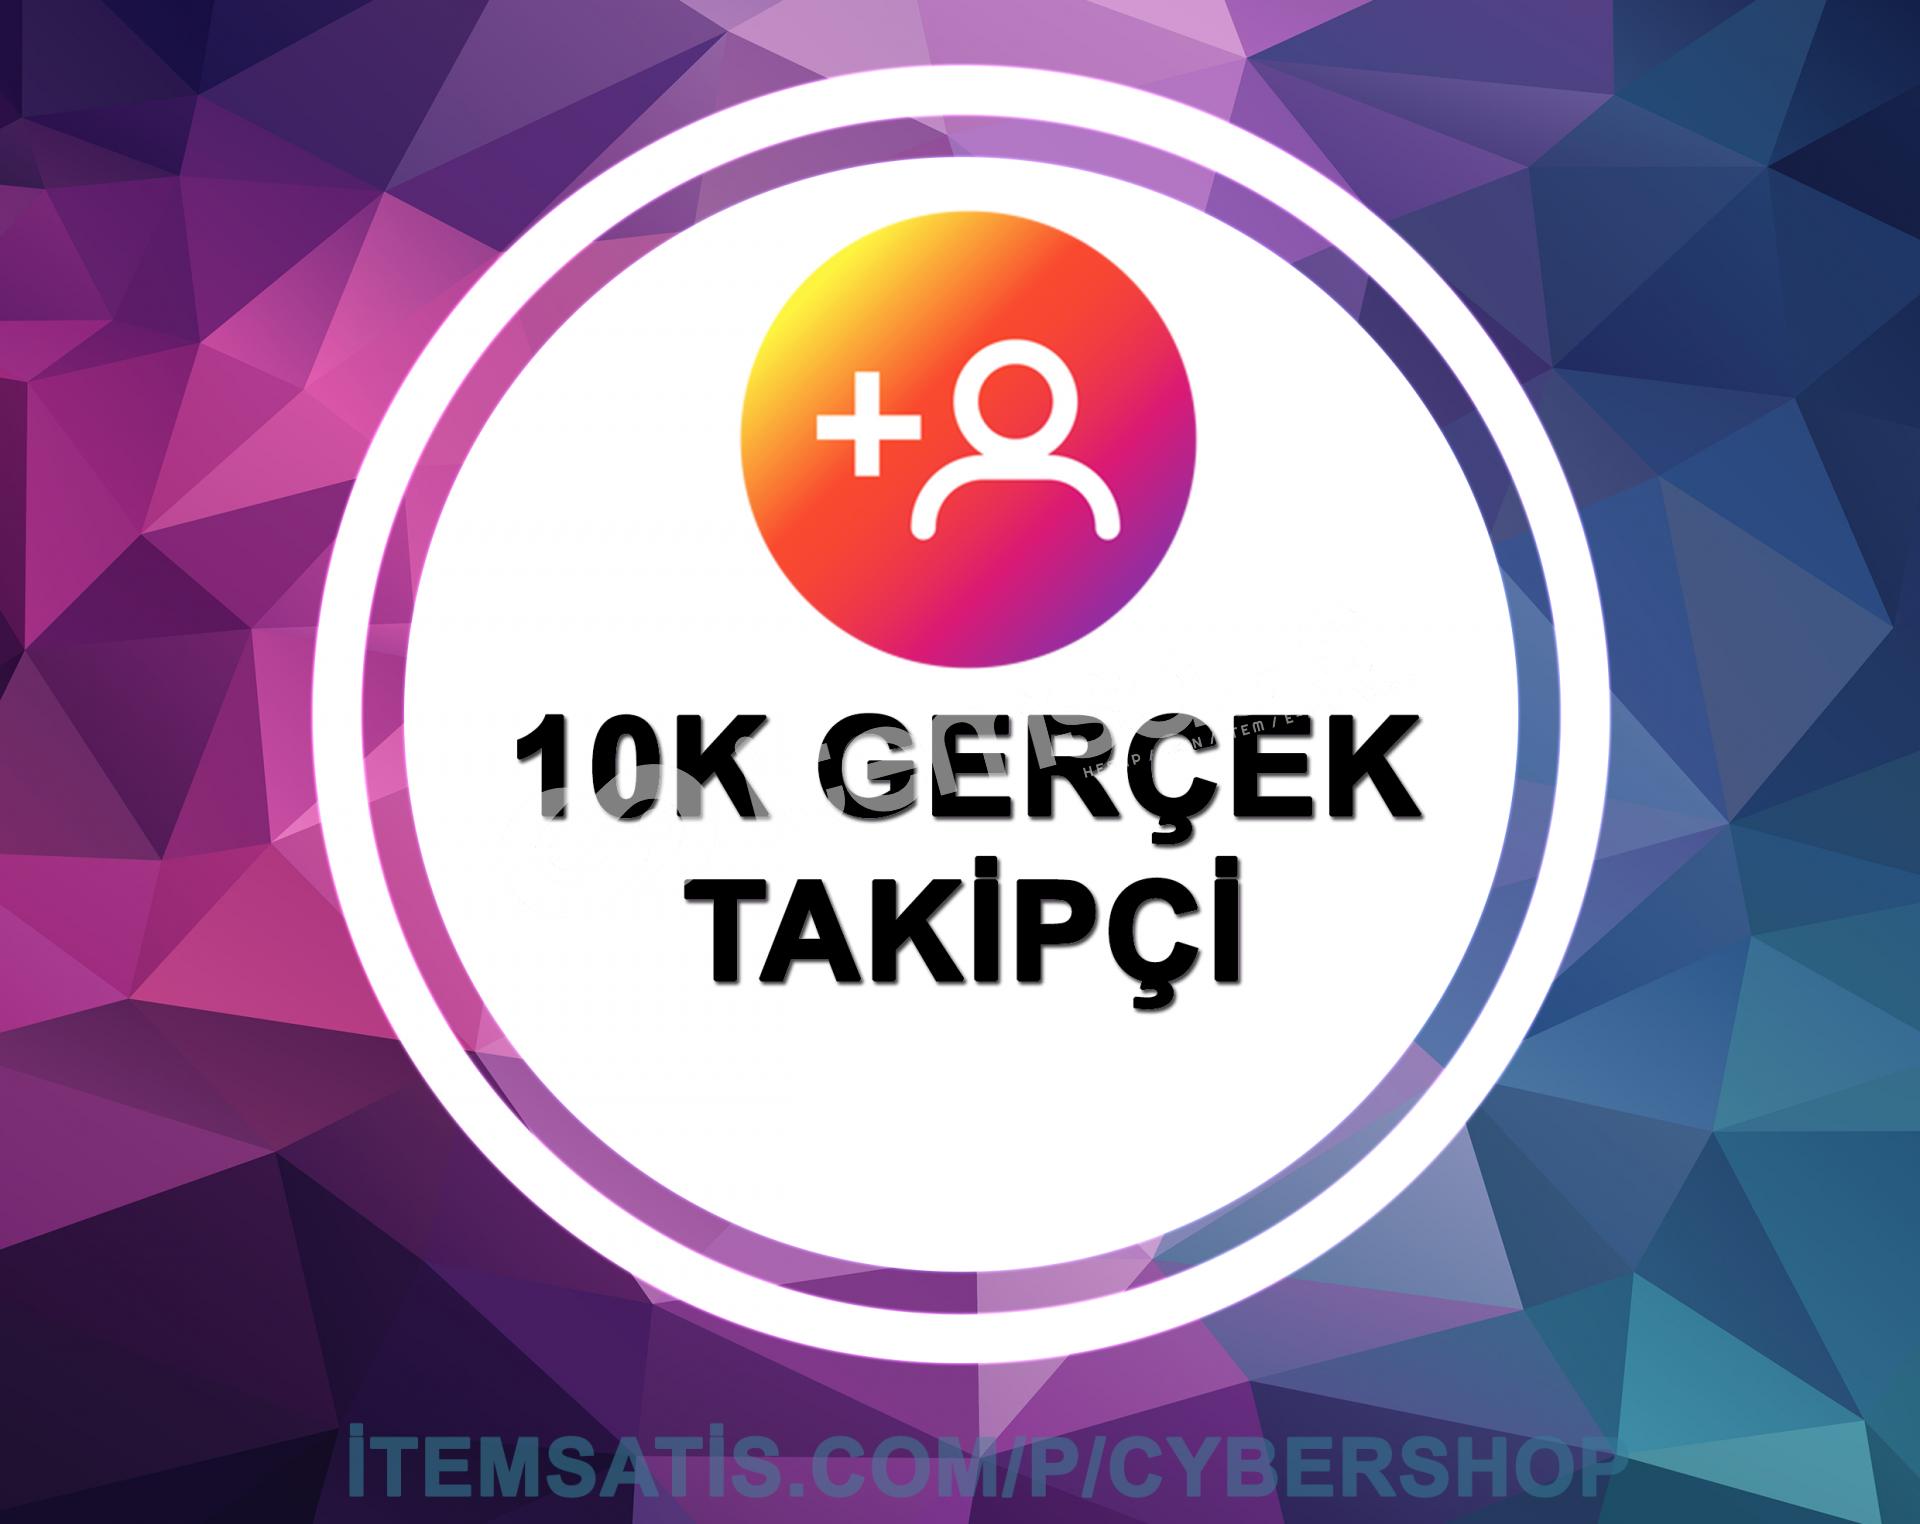 10000 İnstagram [100% TÜRK] Takipçi Paketi